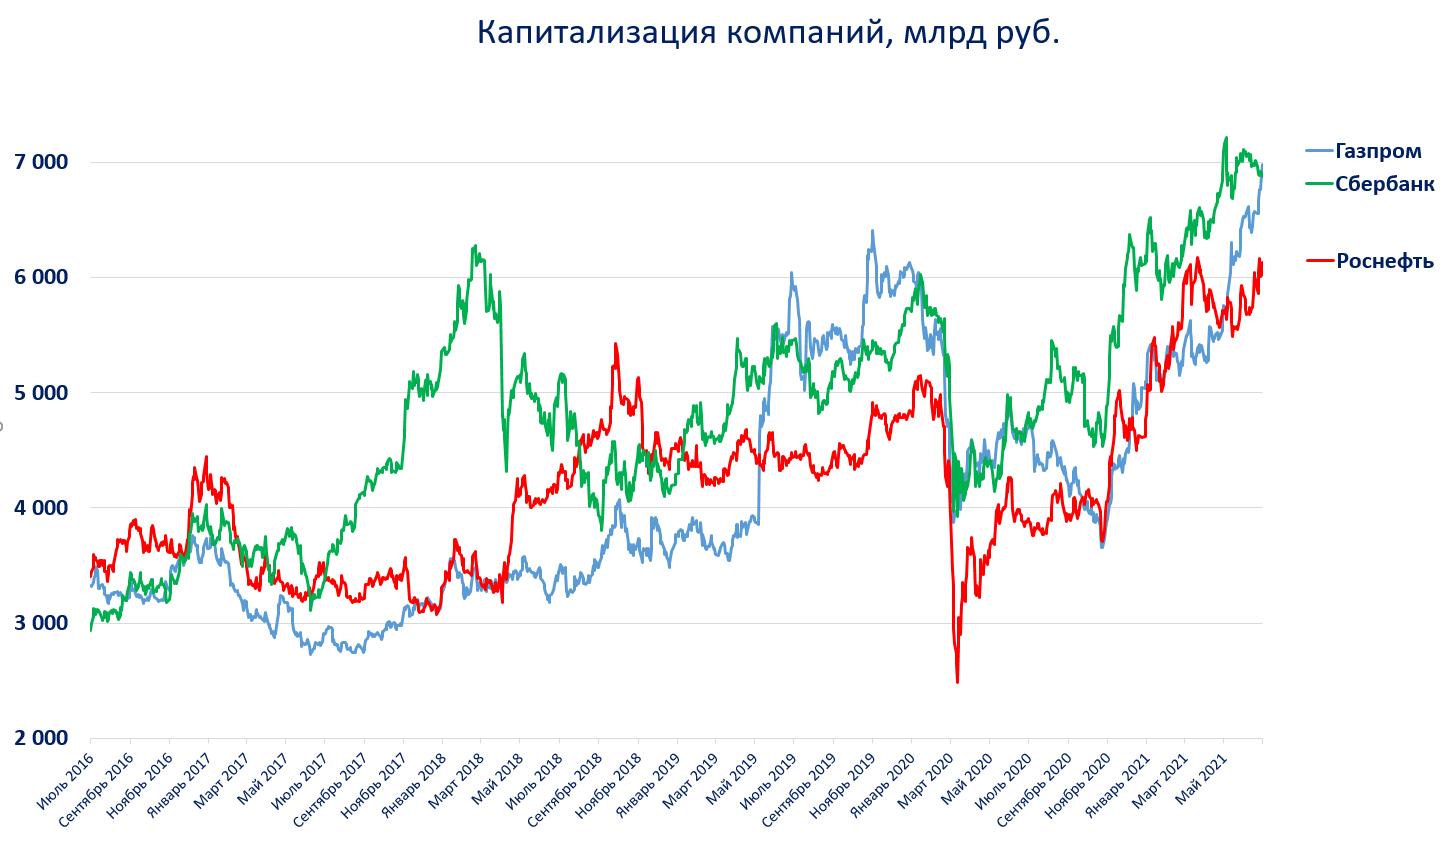 На российском рынке сменился лидер по капитализации